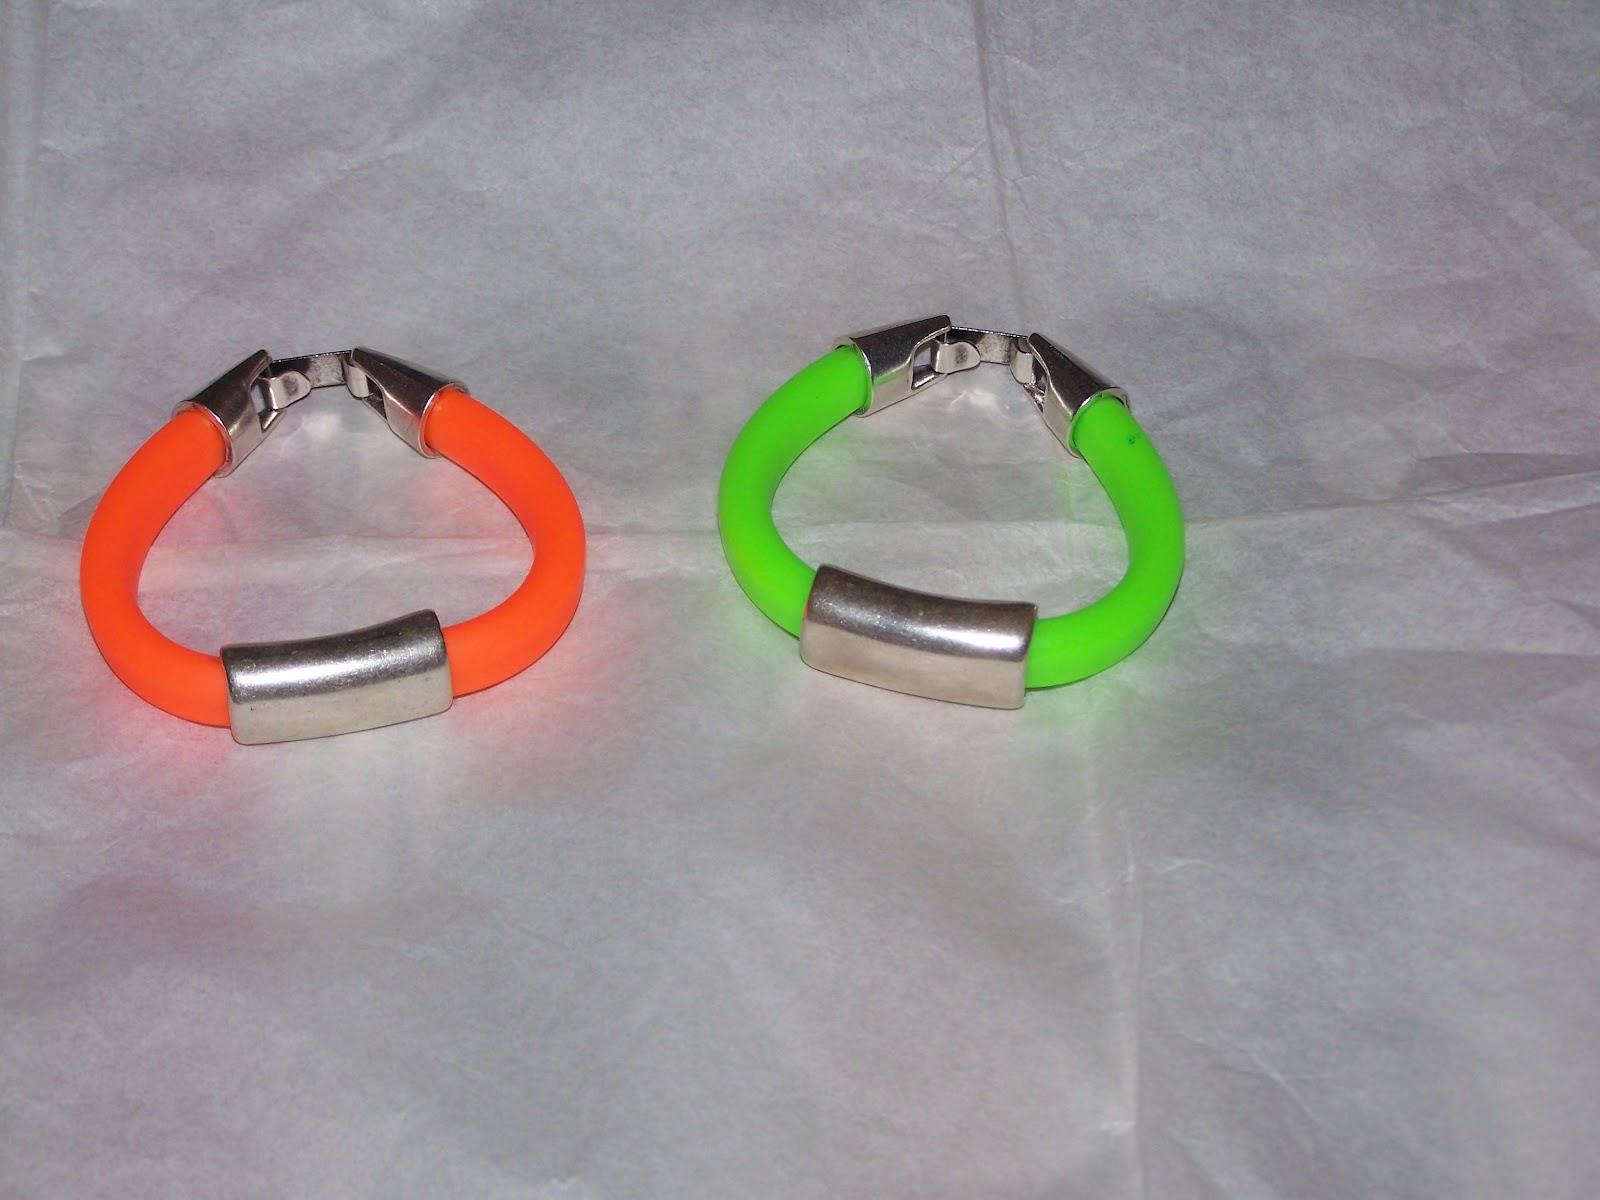 Pulseras de caucho en naranja y verde fluorescentes, con abalorios y cierres zamak. Referencia  215. Precio 12 euros cada una + 4 euros de gastos de envio